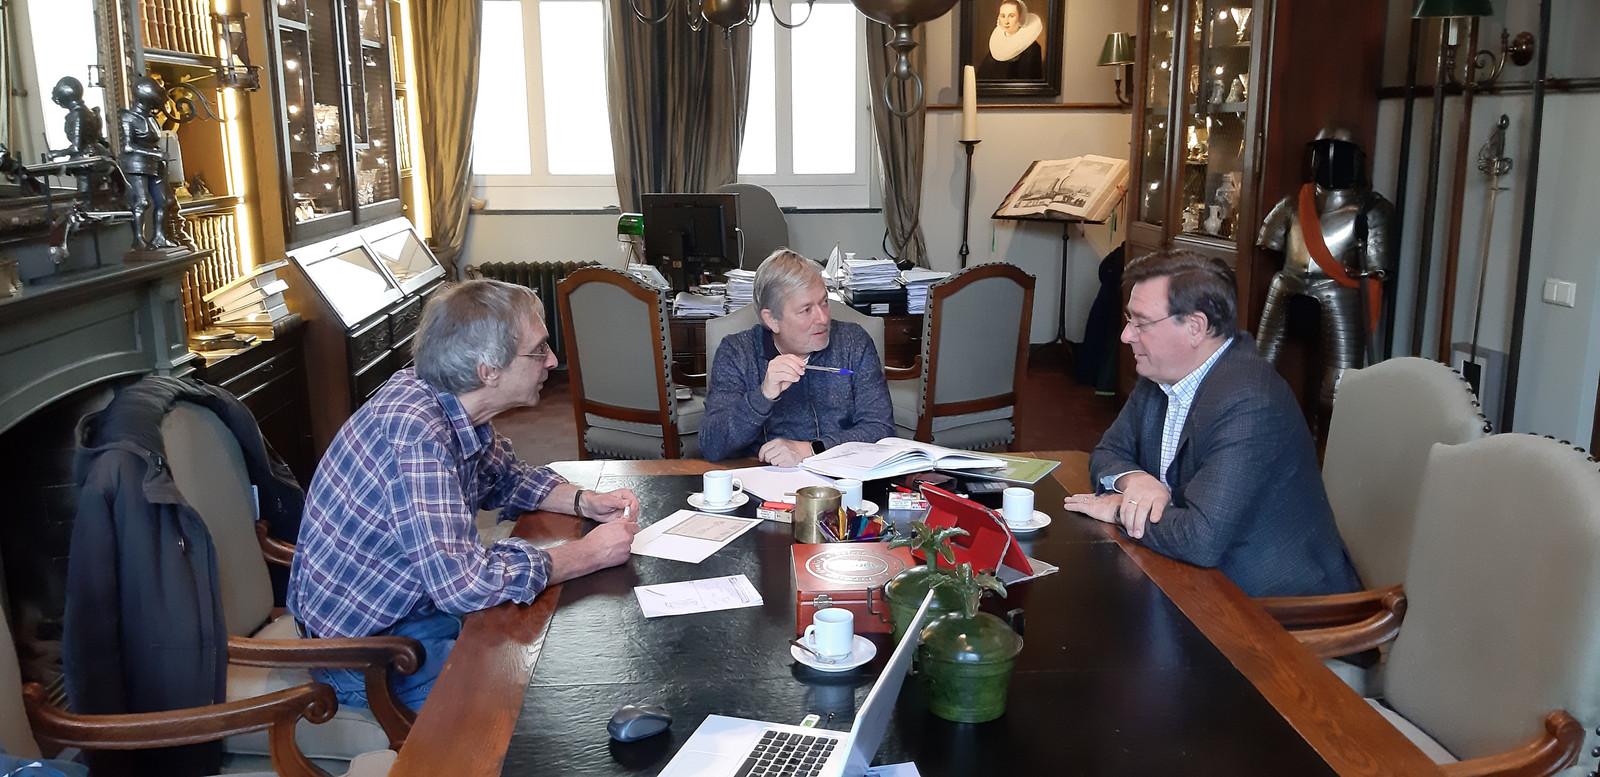 Schrijver Paul Vlemmings, Piet van der Meulen en Lambert van der Meulen (vlnr) in het kantoor van Piet in Waalre. Nicht Monique is afwezig.